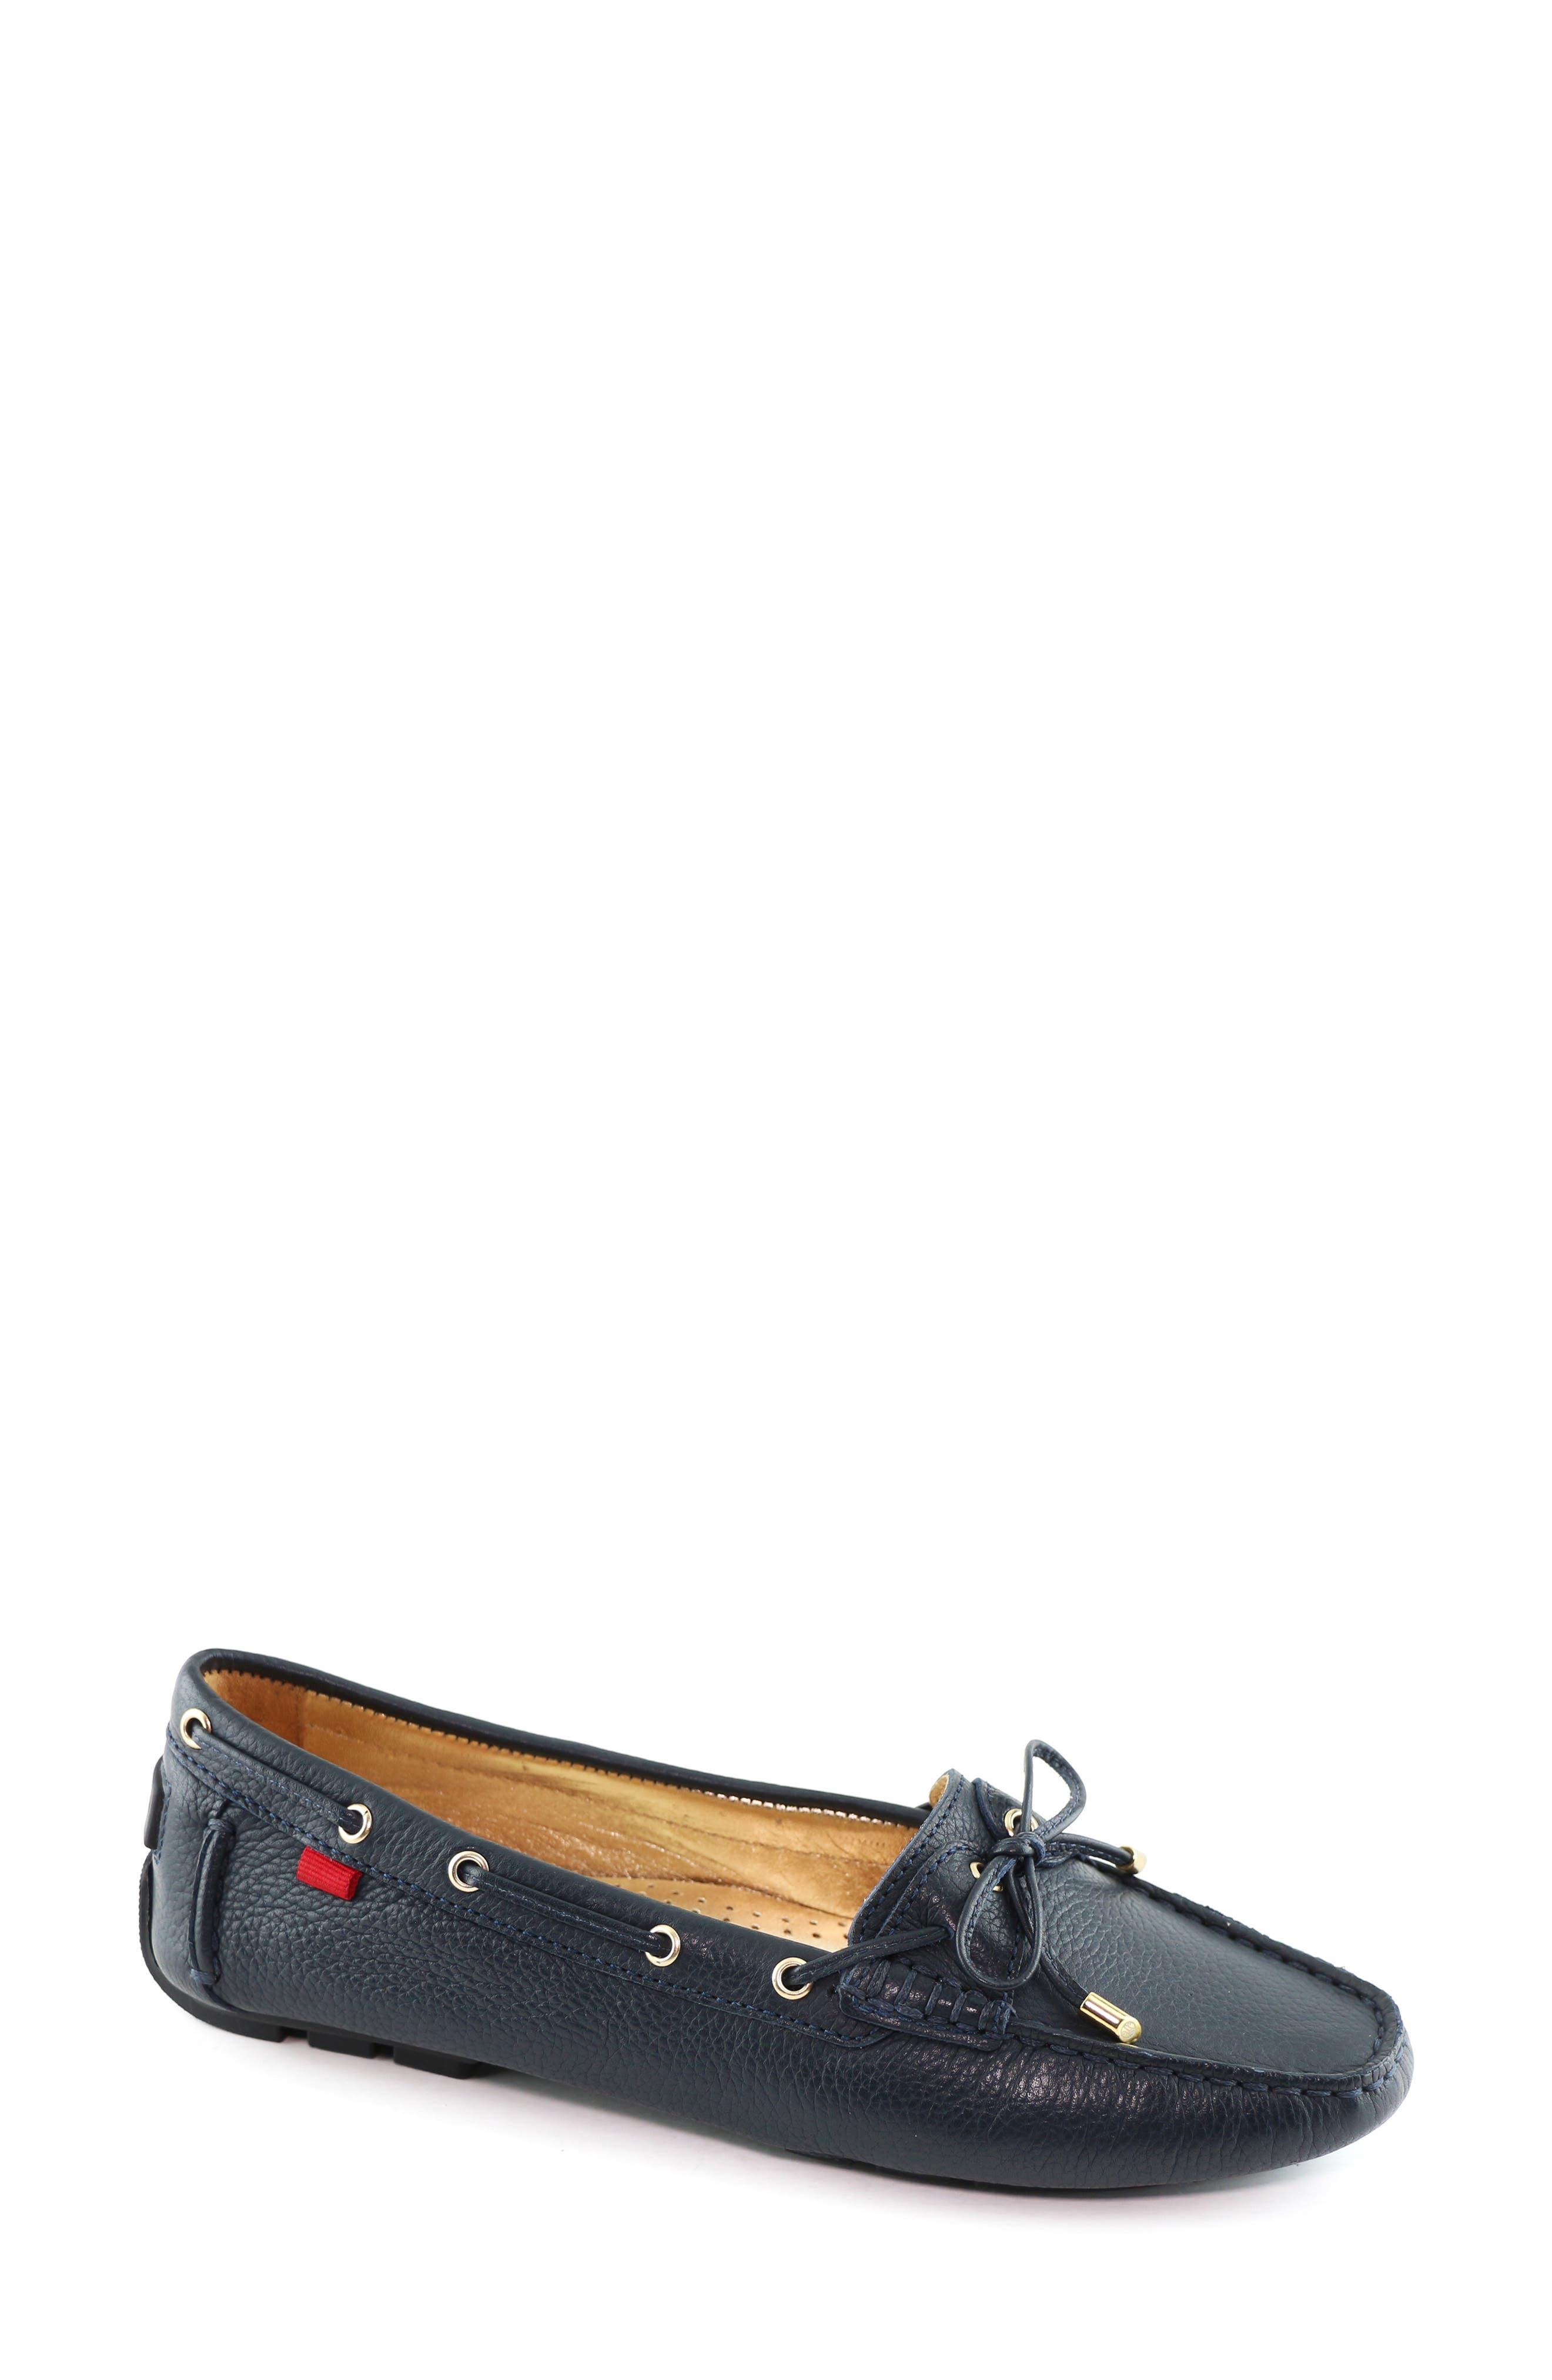 Women's Marc Joseph New York Shoes Sale